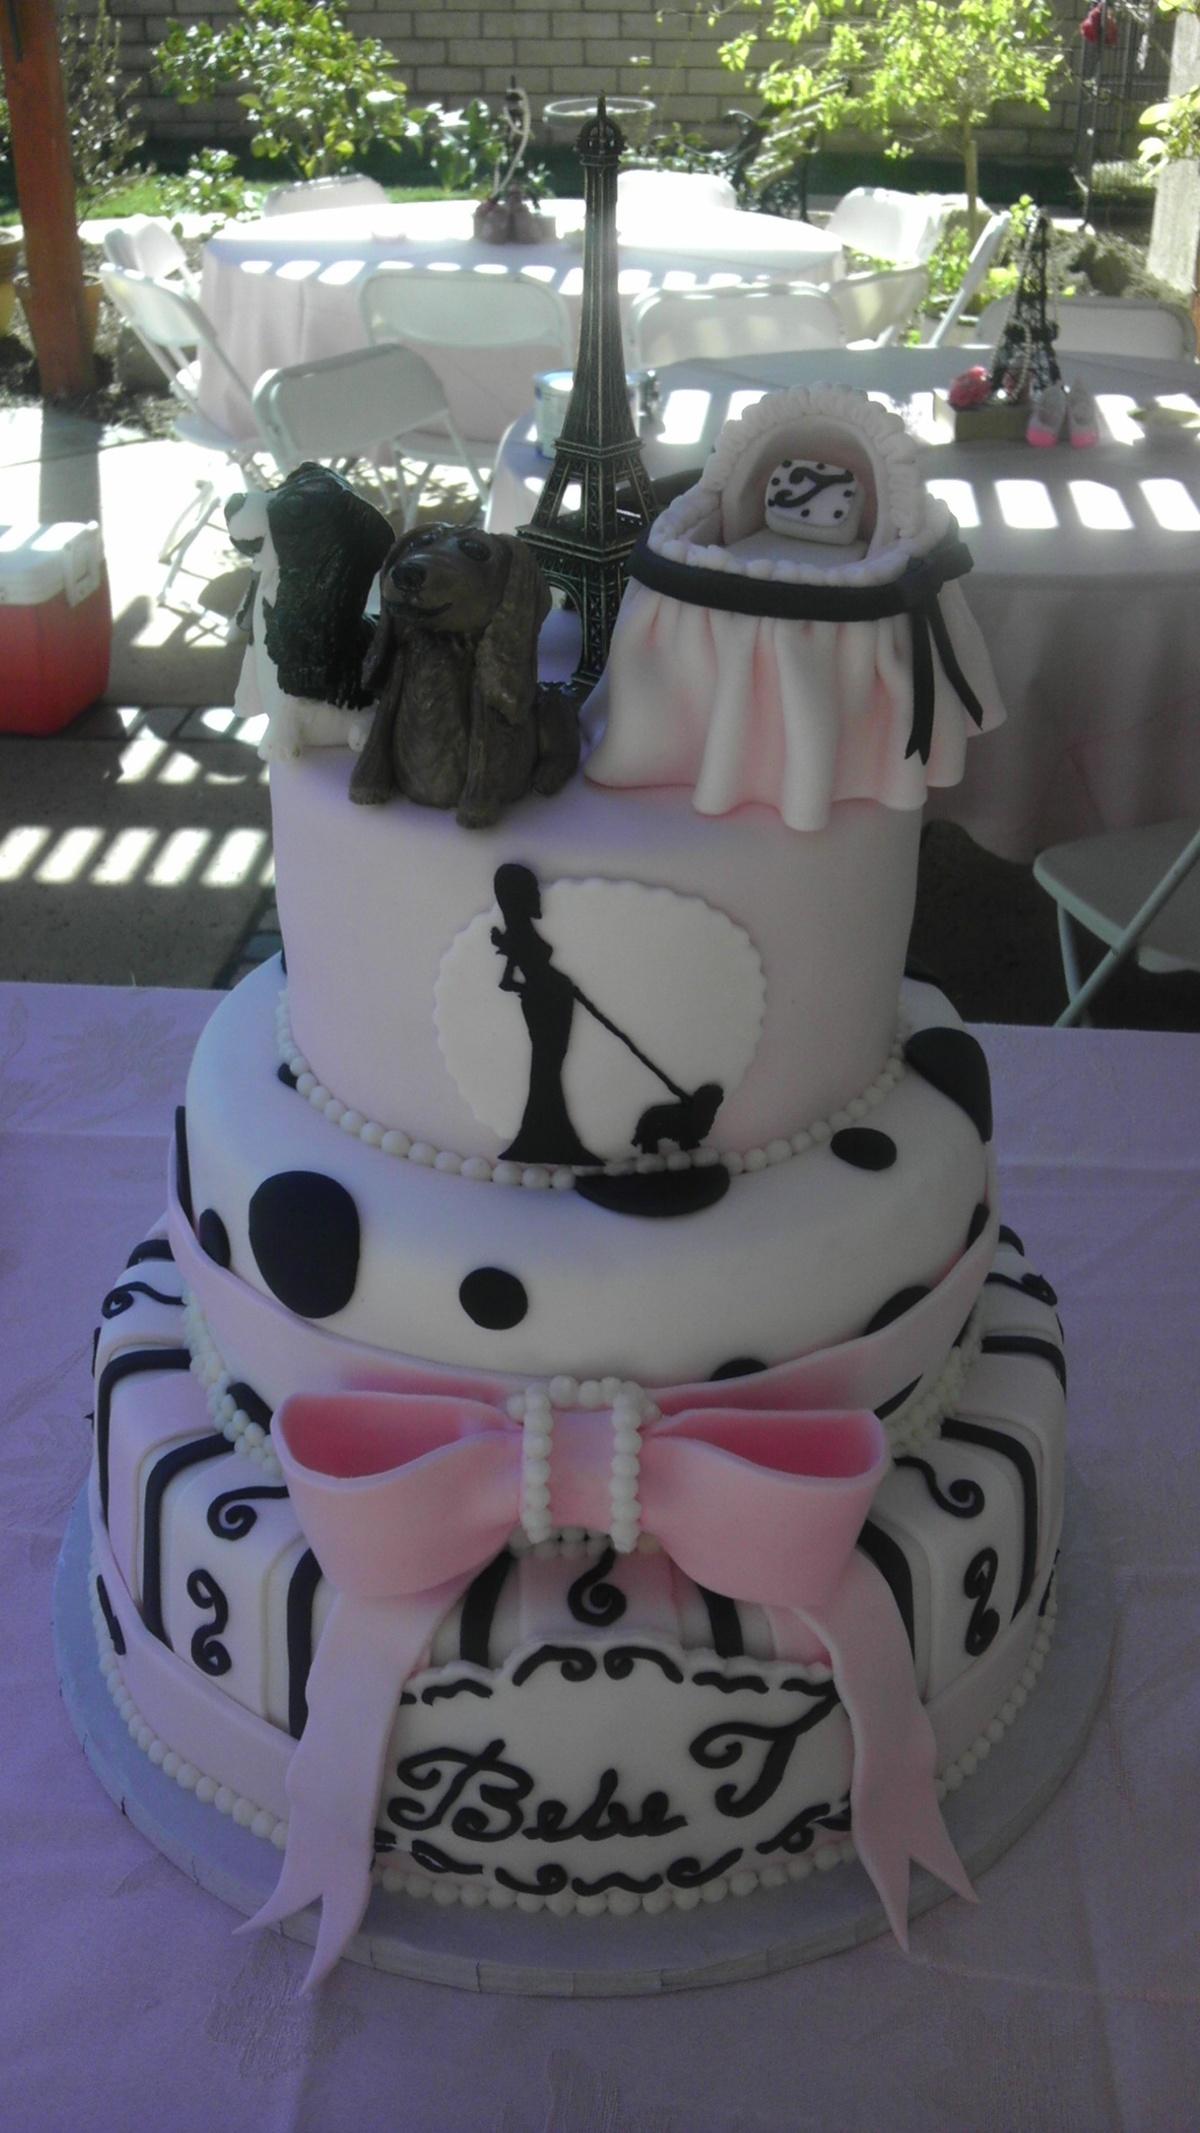 par s cake bby cake cake art shower cake s baby shower 2 baby shower